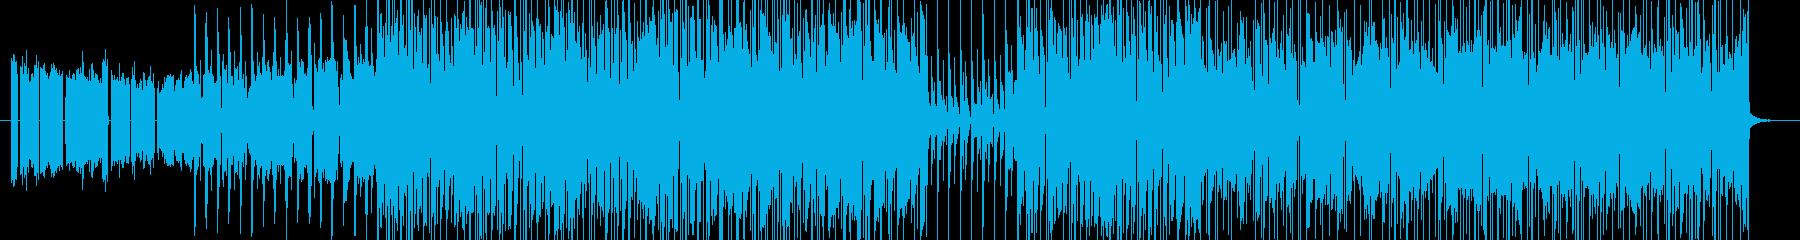 シンセの繰返しフレーズが印象的なEDMの再生済みの波形